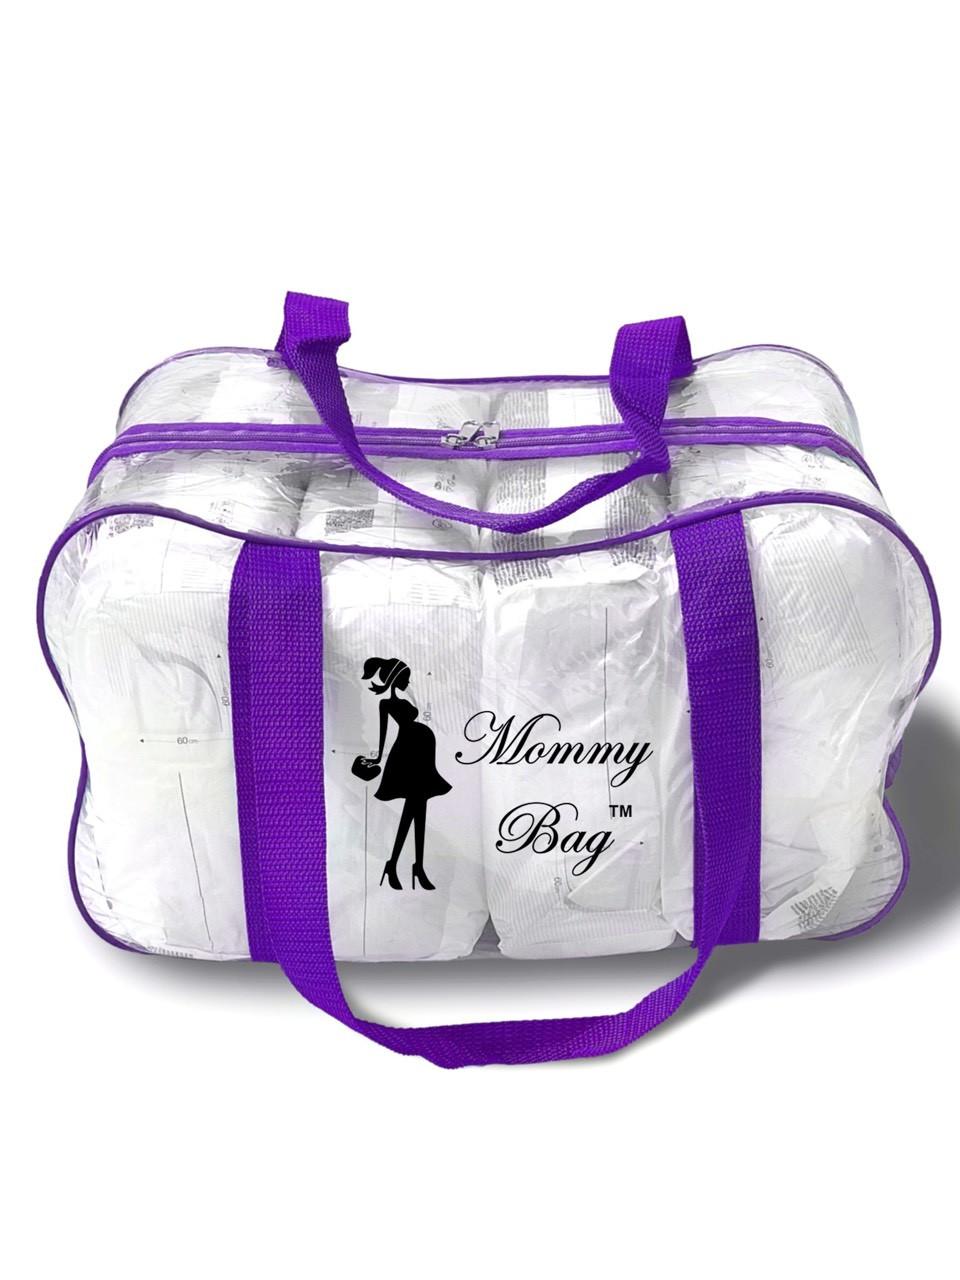 Сумка прозрачная в роддом Mommy Bag - M - 40*25*20 см Фиолетовая